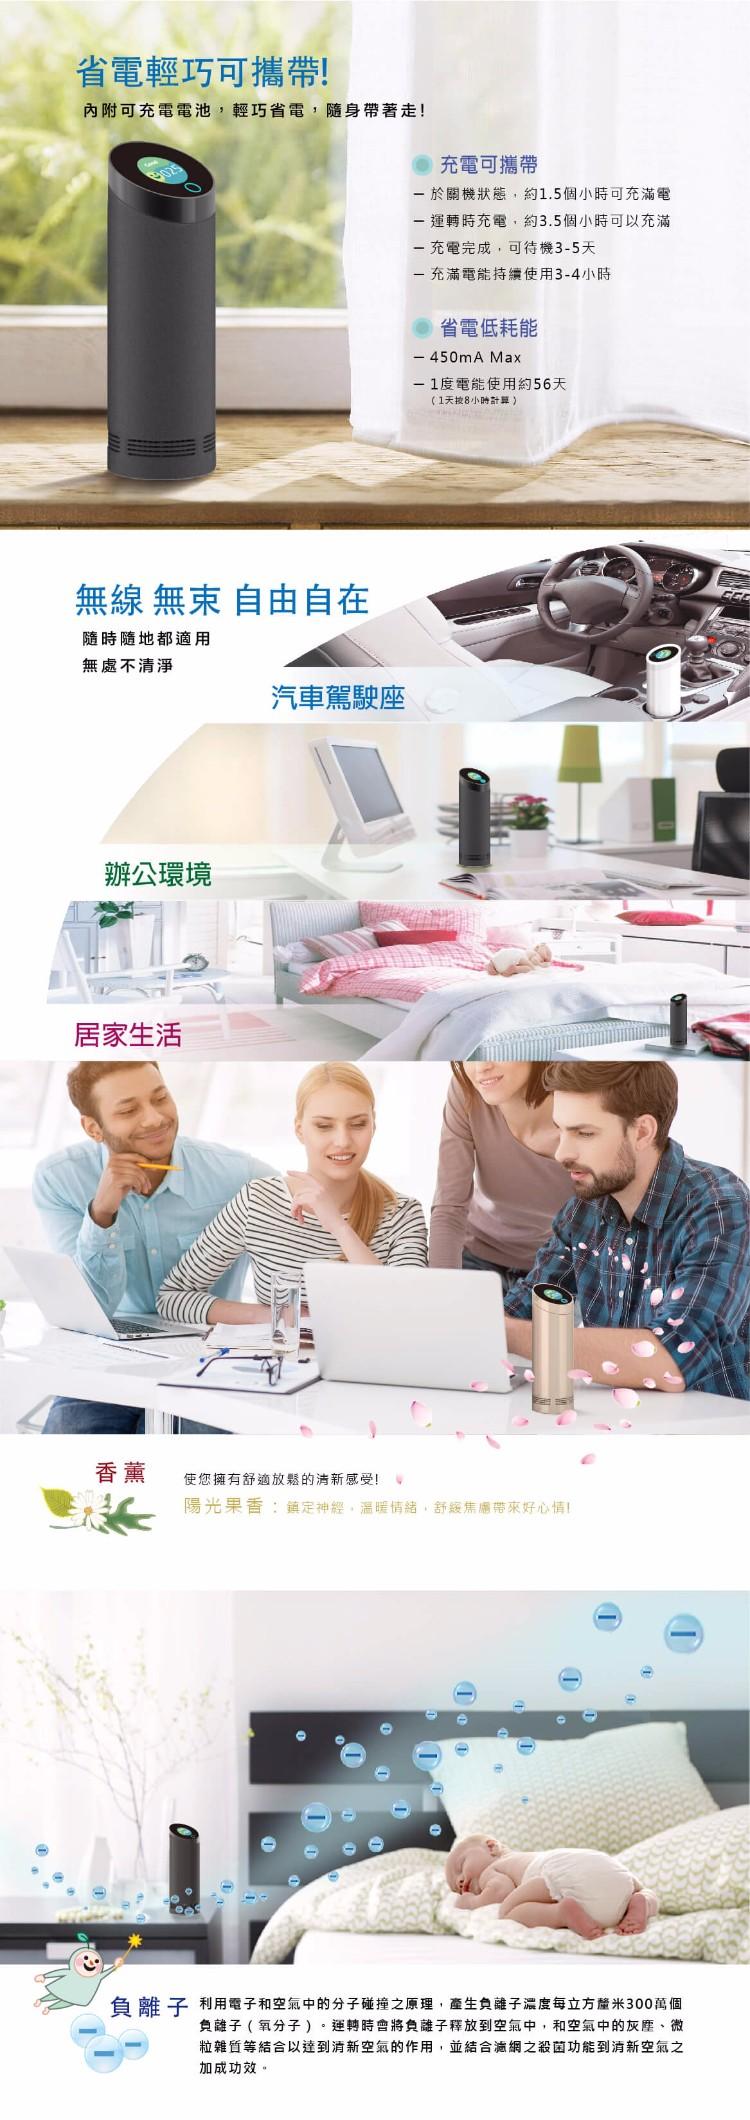 4台灣Omcare便攜式顯示屏空氣清淨機